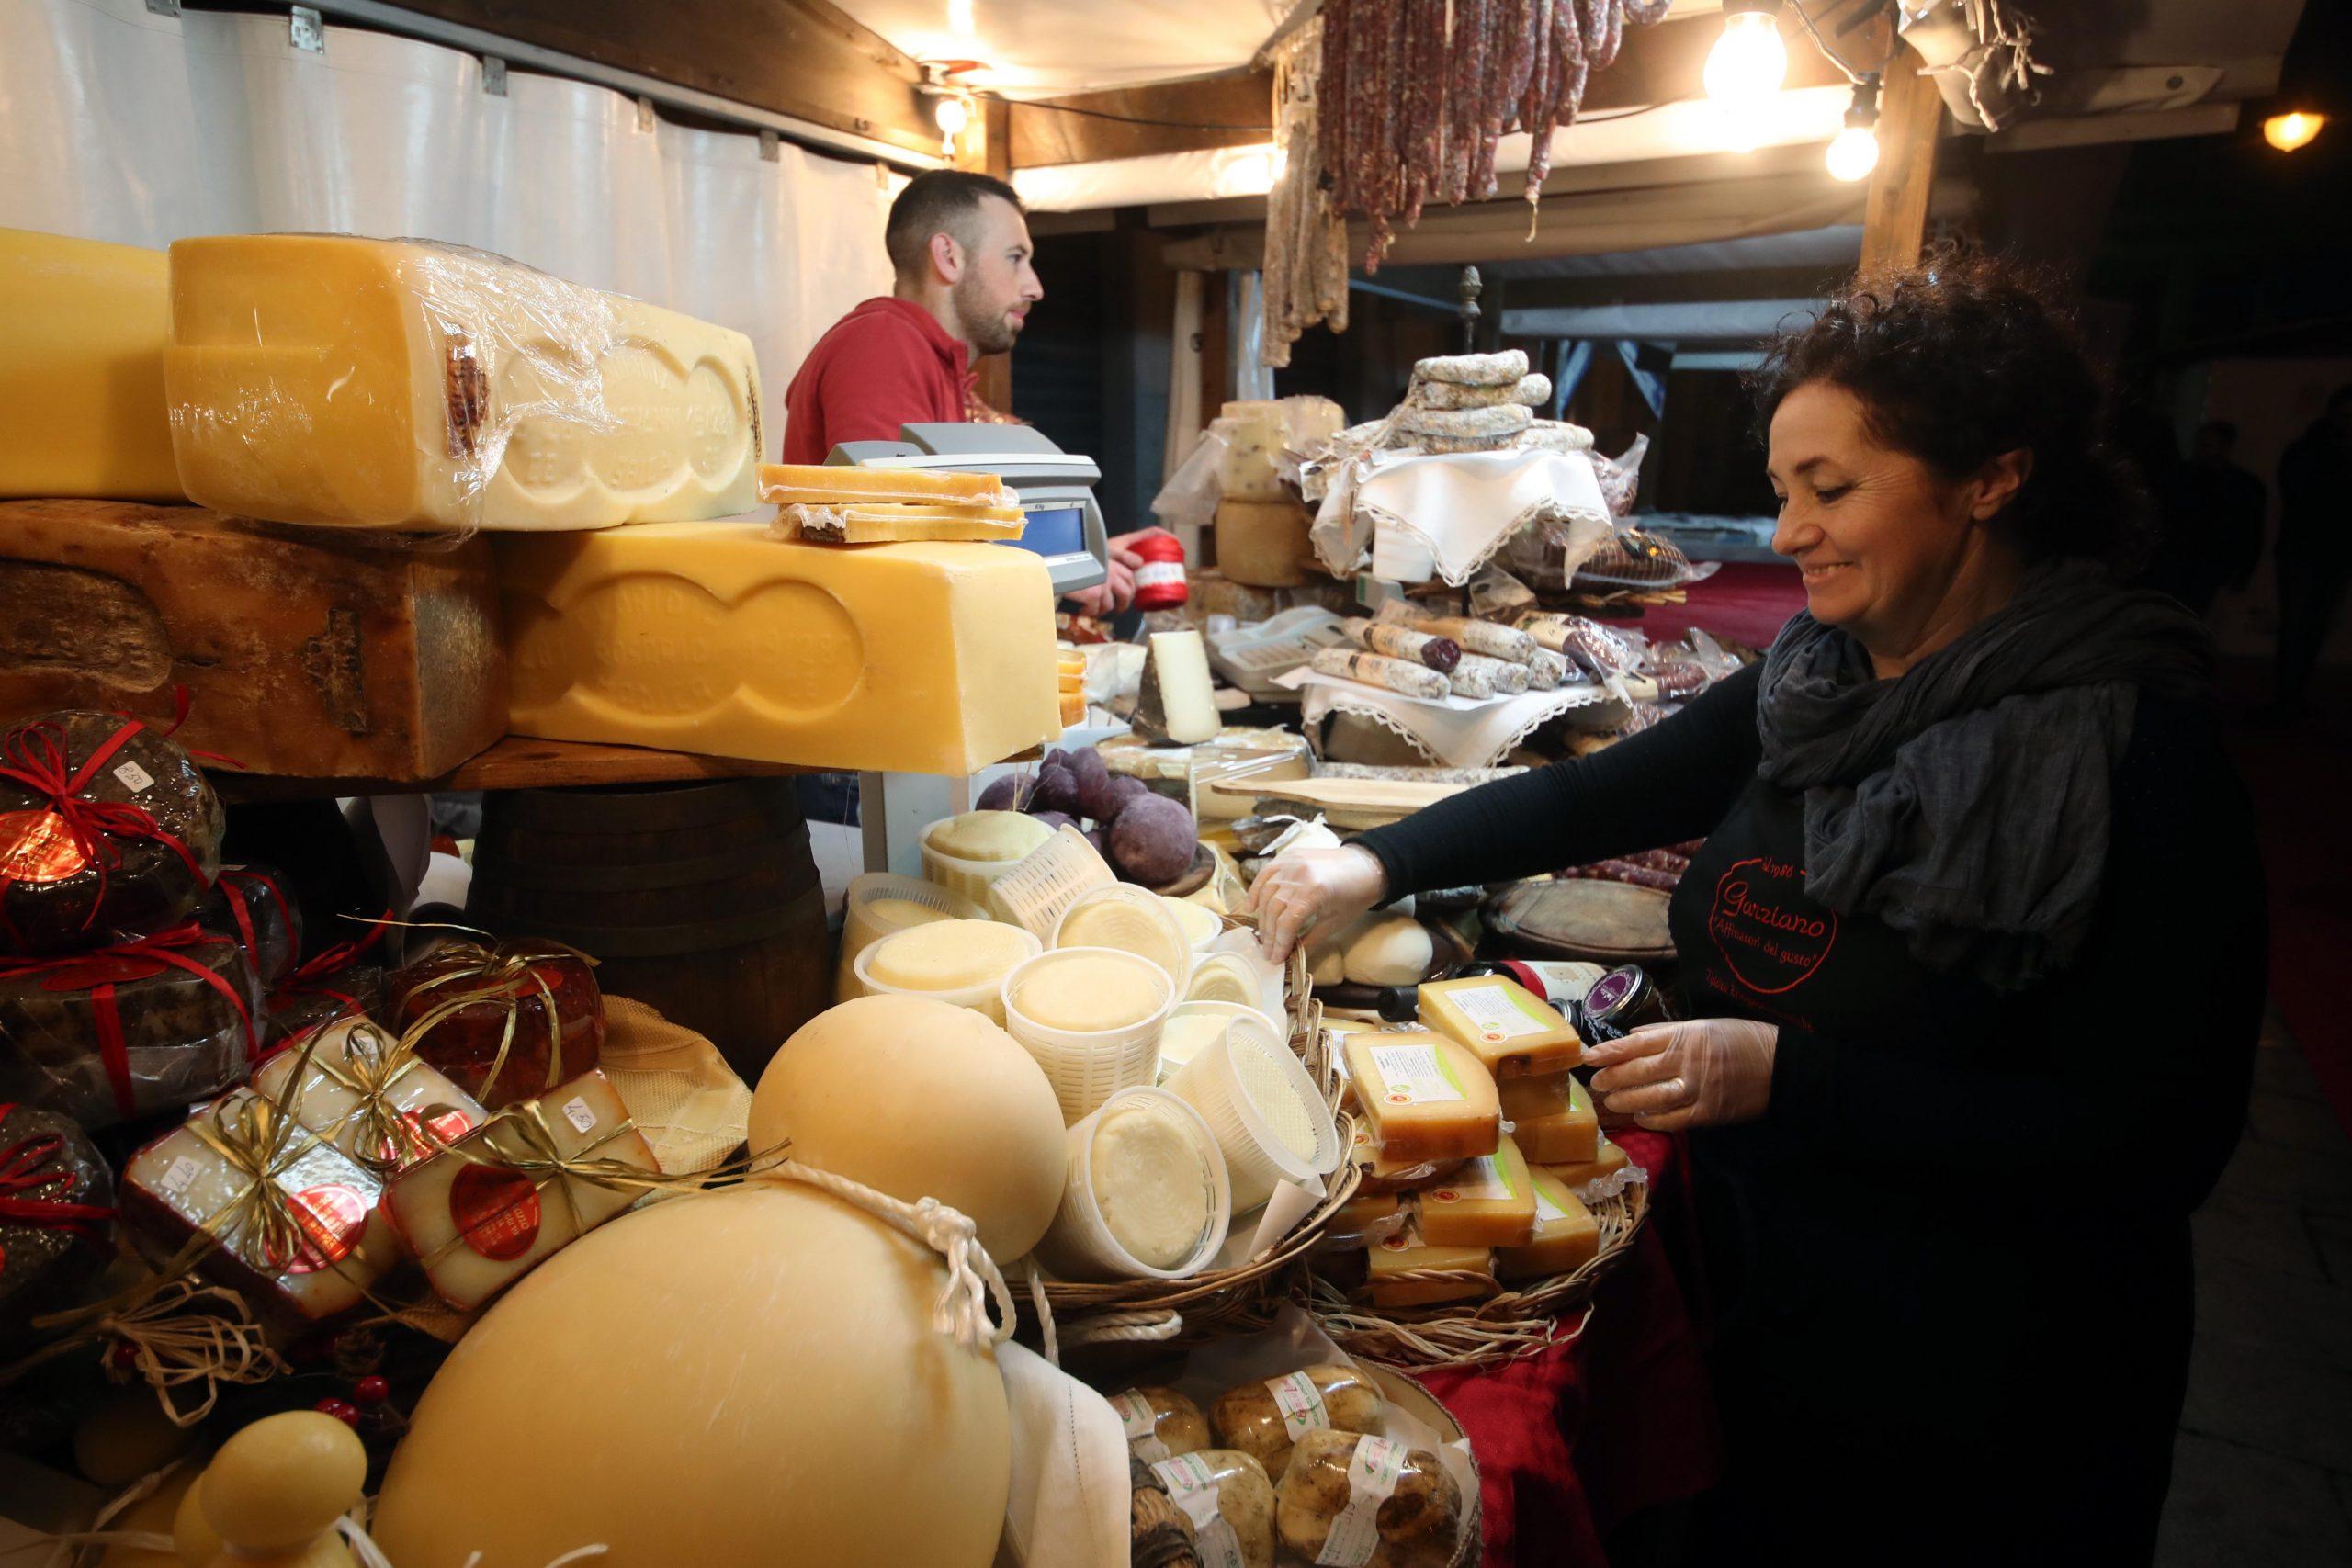 Food artigianale, boom di vendite a Natale: Sicilia terza per esportazioni